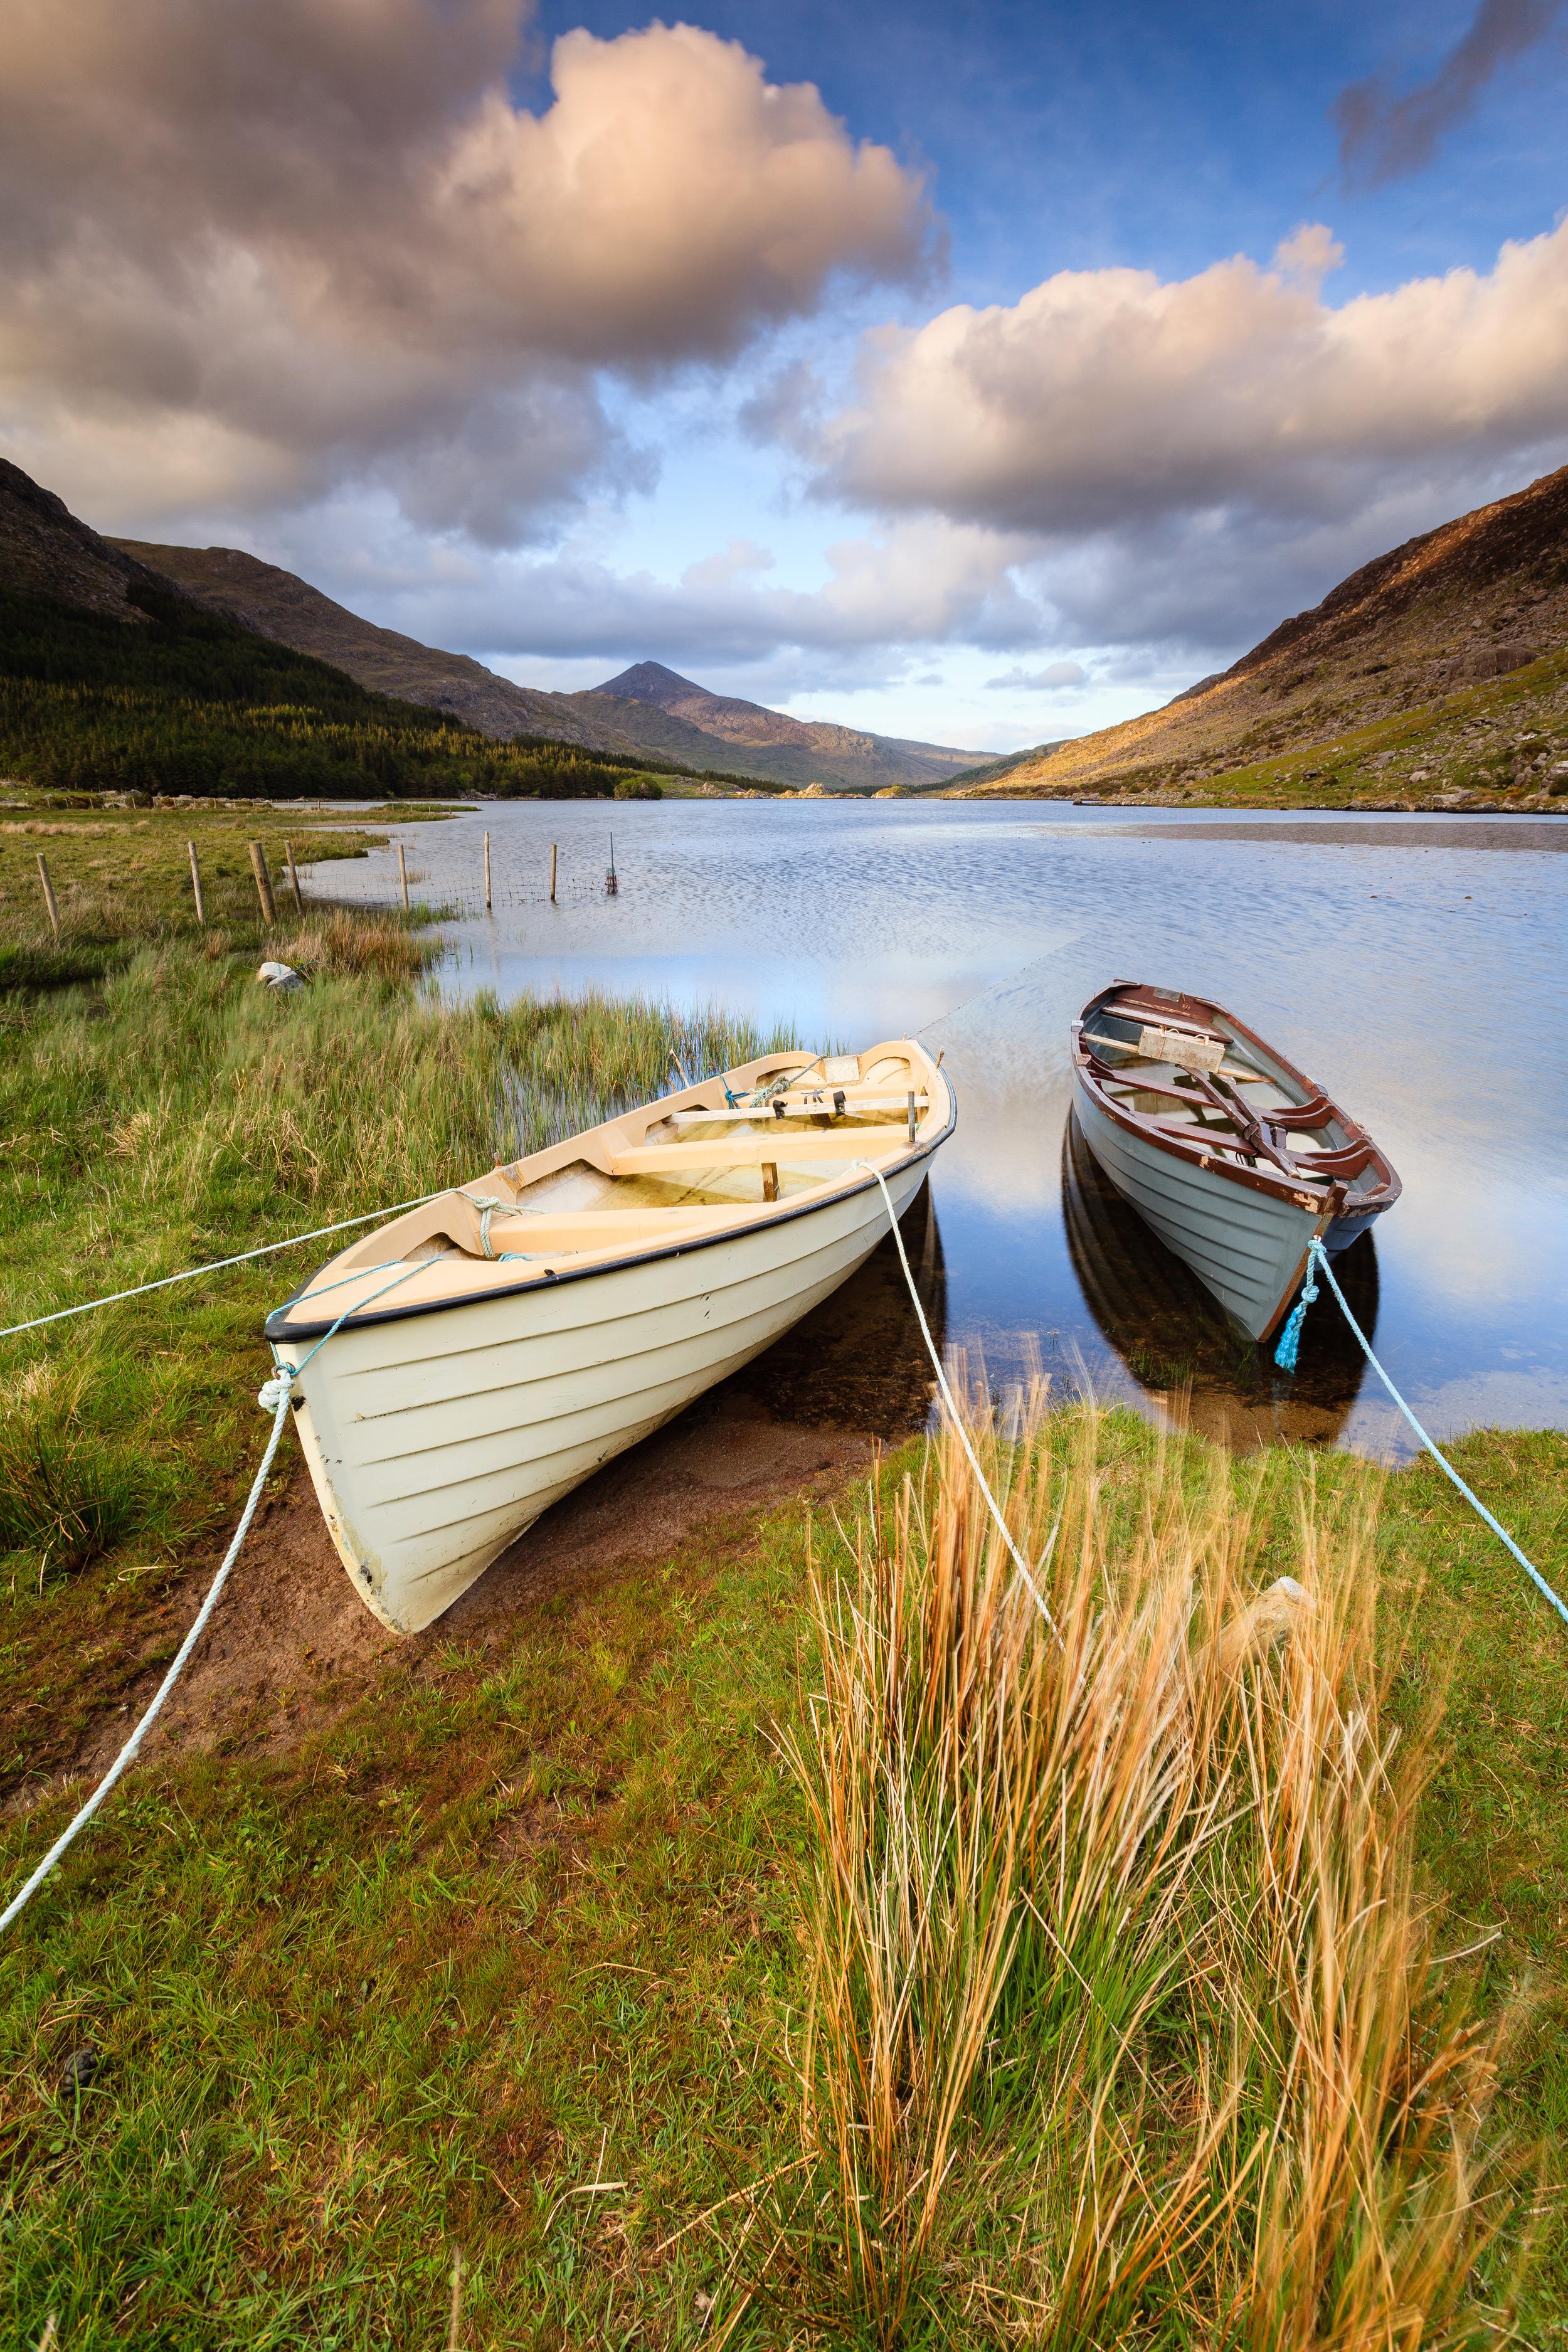 The Boats at Lough Gummeenduff